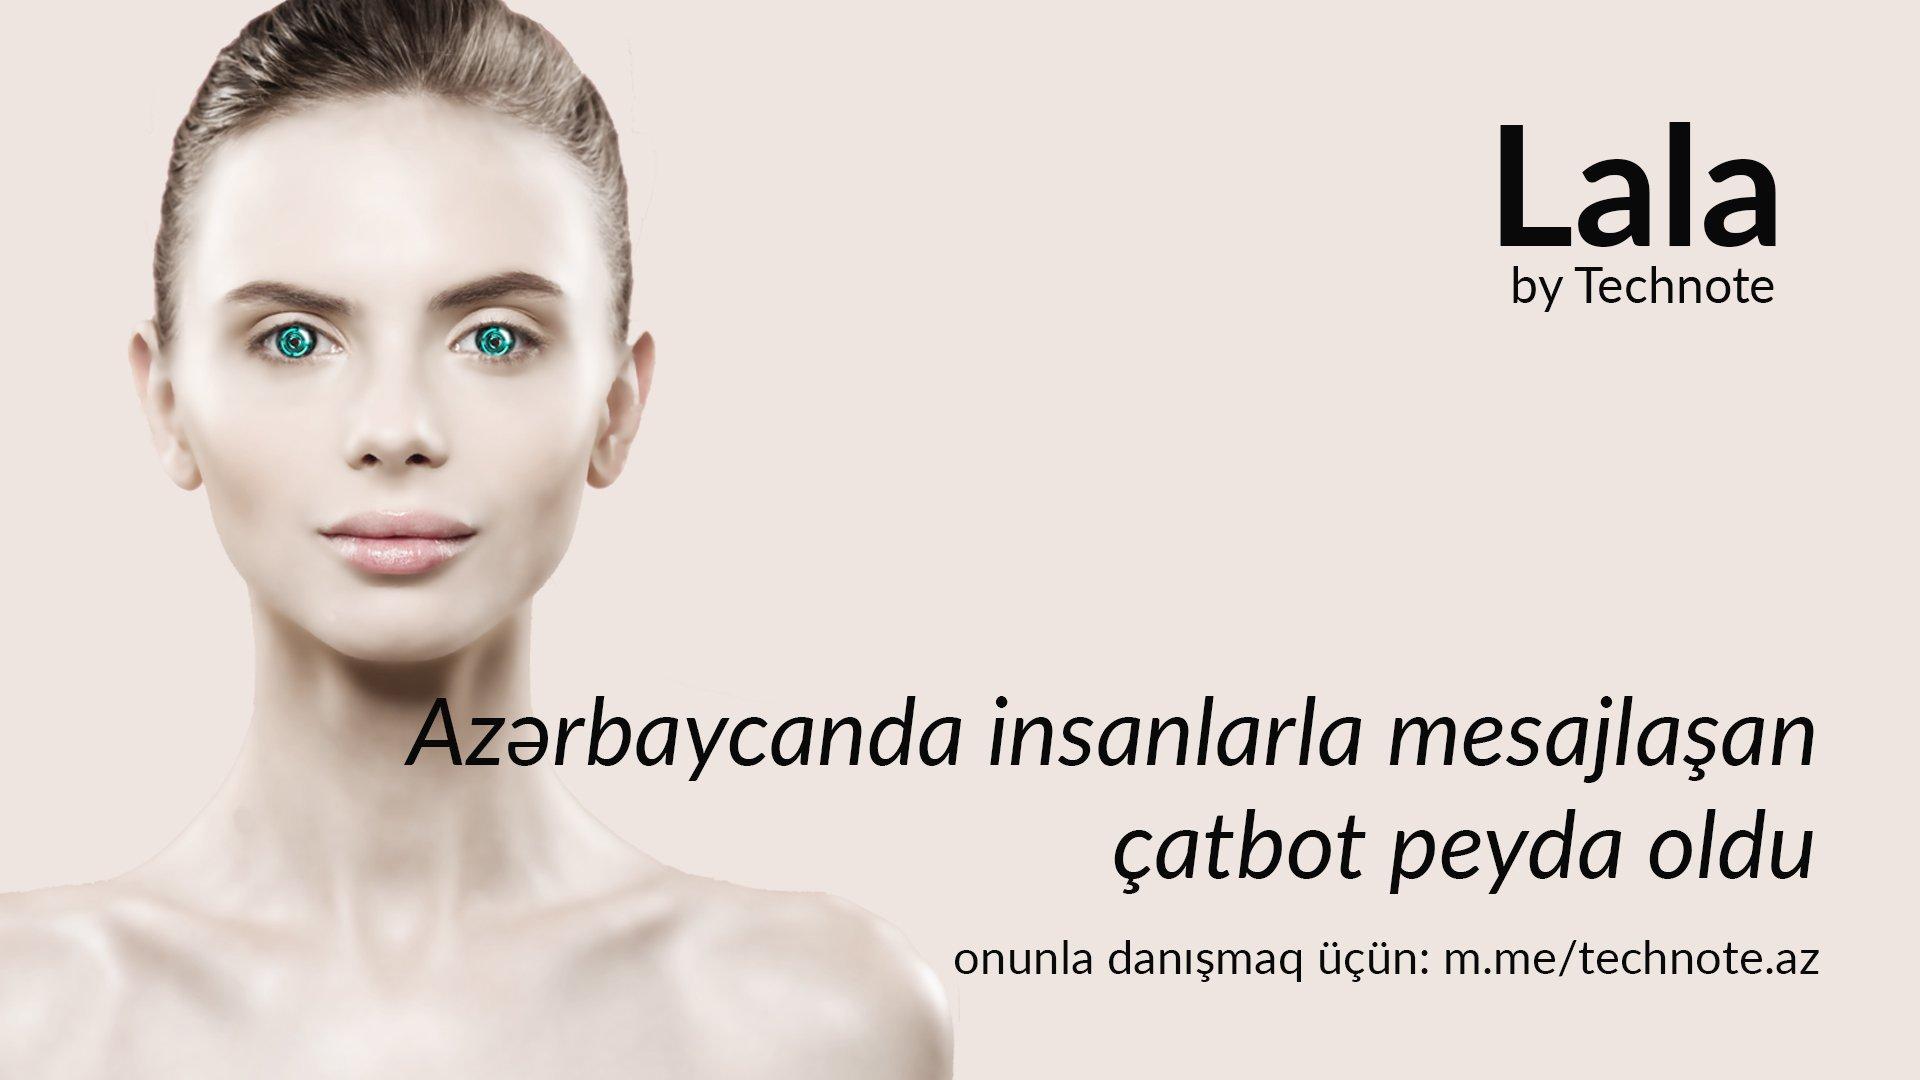 Technote, ilk Azərbaycandilli təkmilləşdirilmiş ÇatBotu - Lalanı istifadəyə verir